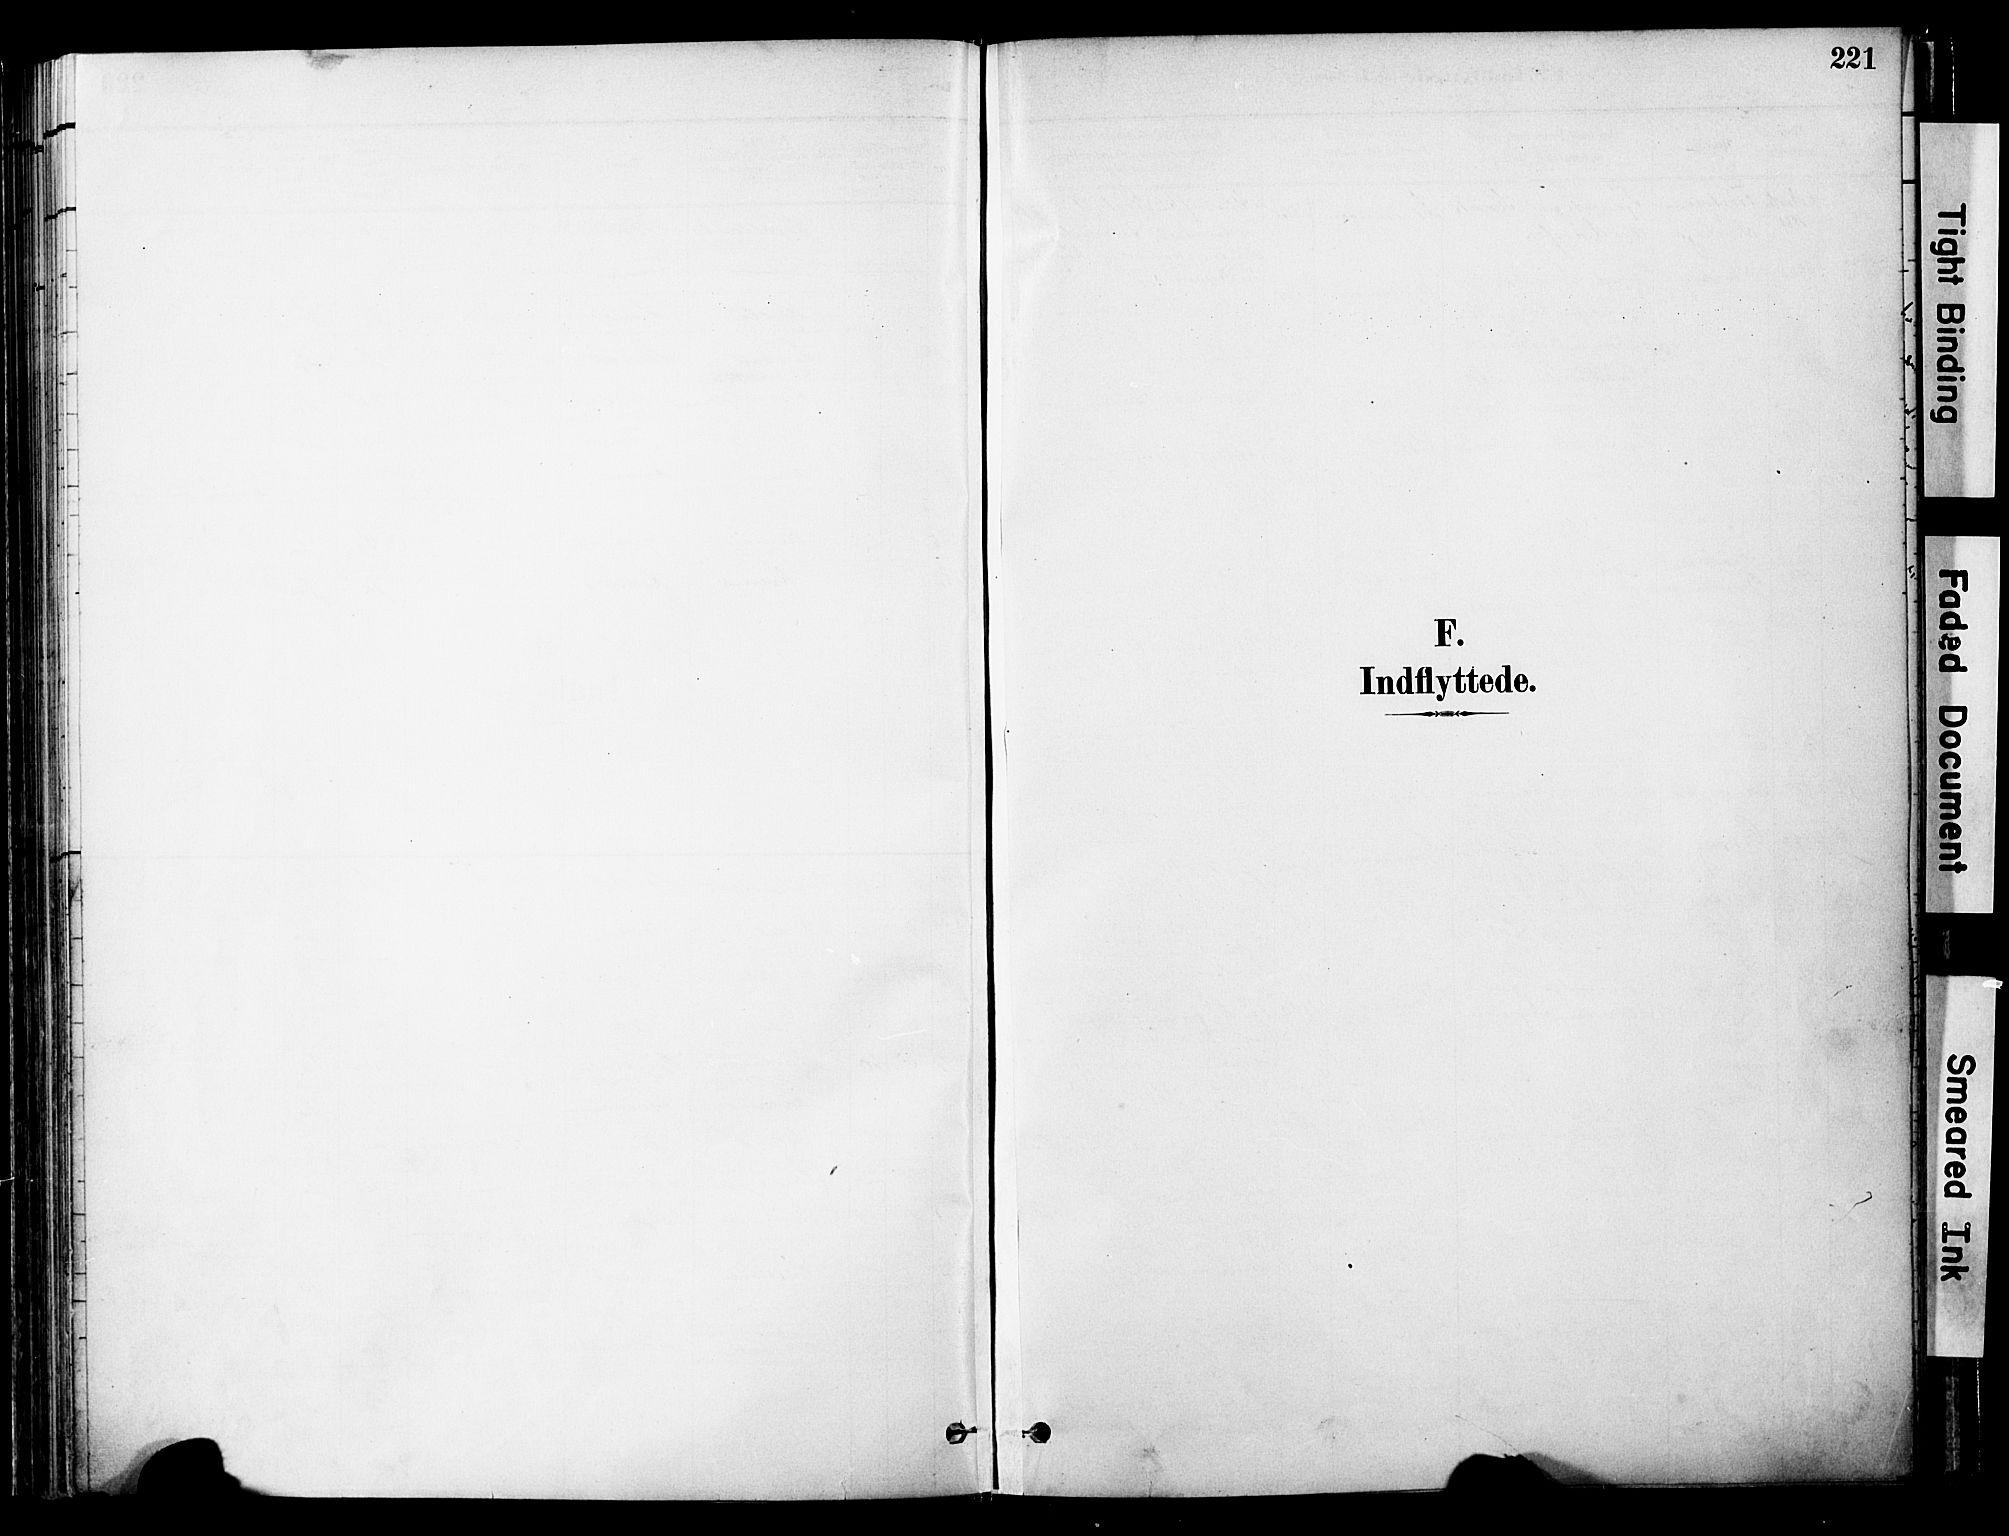 SAT, Ministerialprotokoller, klokkerbøker og fødselsregistre - Nord-Trøndelag, 755/L0494: Ministerialbok nr. 755A03, 1882-1902, s. 221